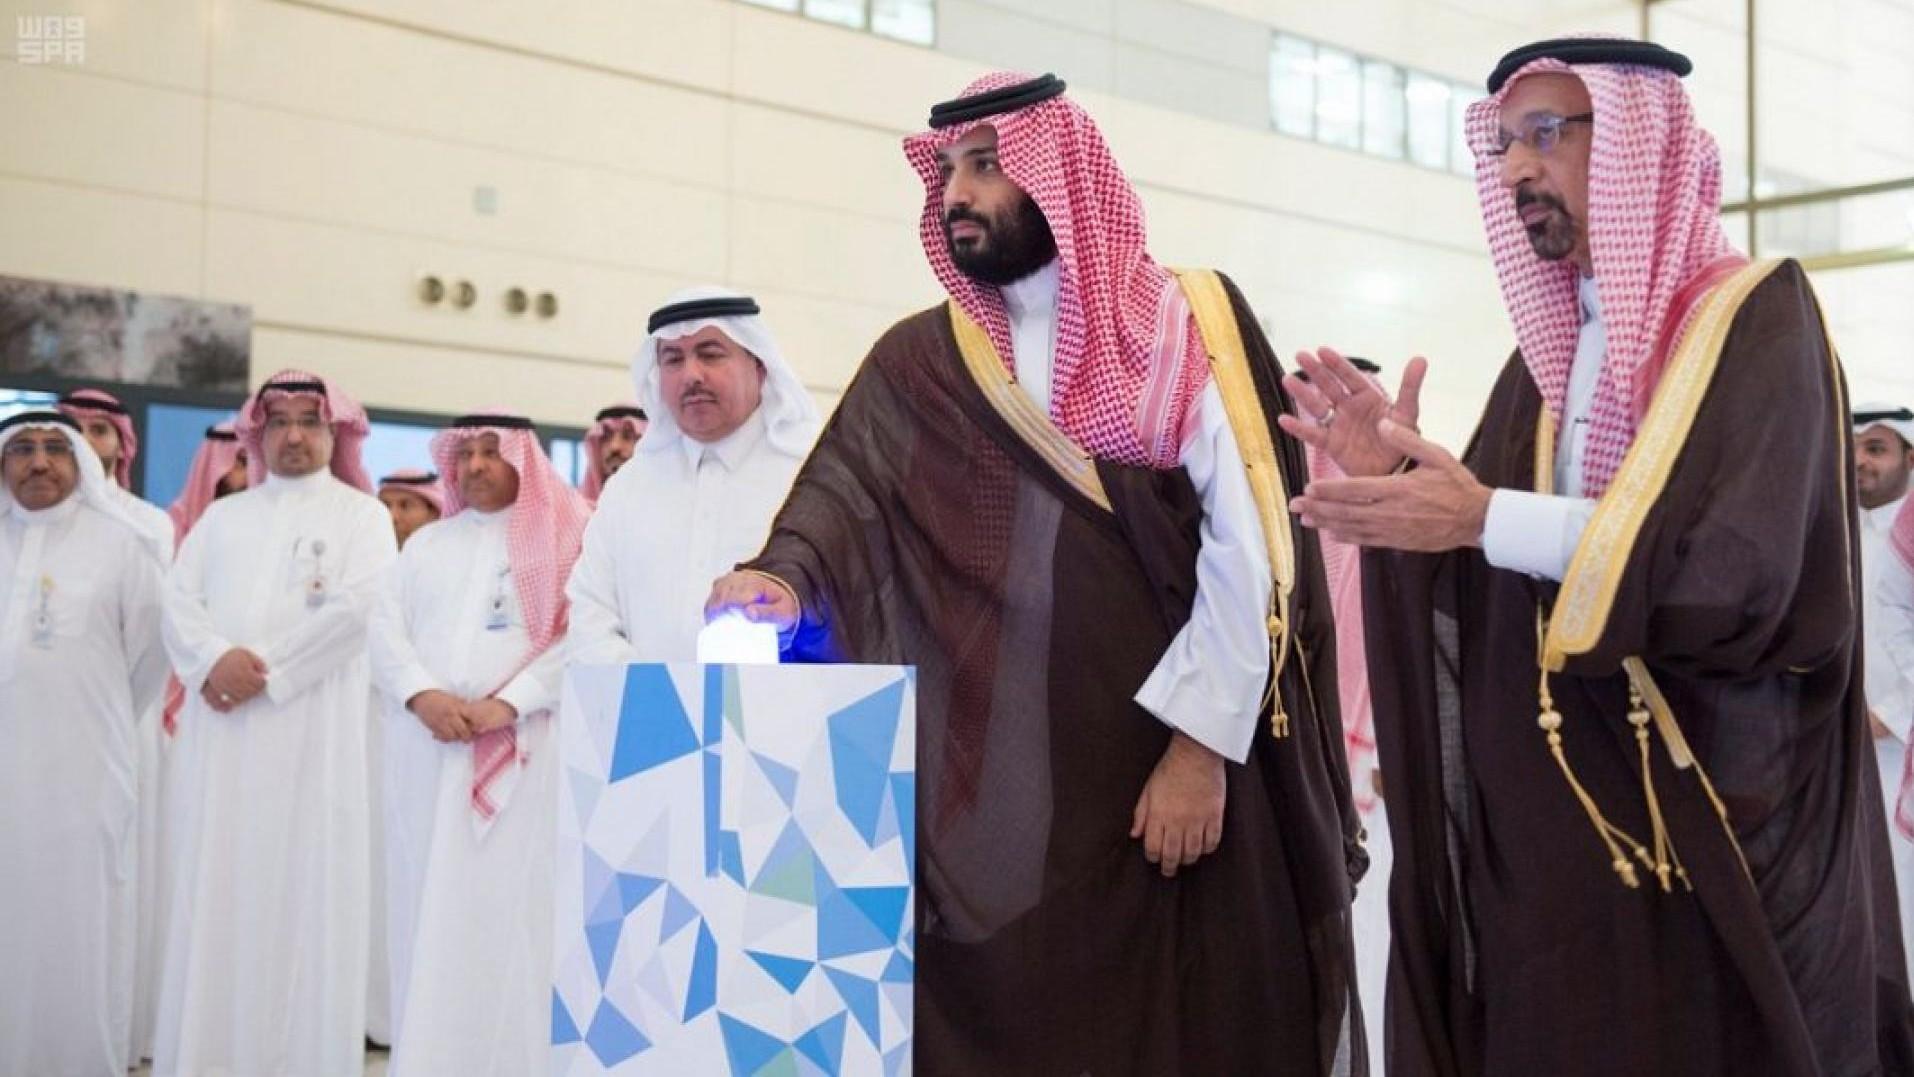 ولي العهد السعودي يدشن 7 مشاريع إستراتيجية بينها مشروع أول مفاعل نووي للأبحاث